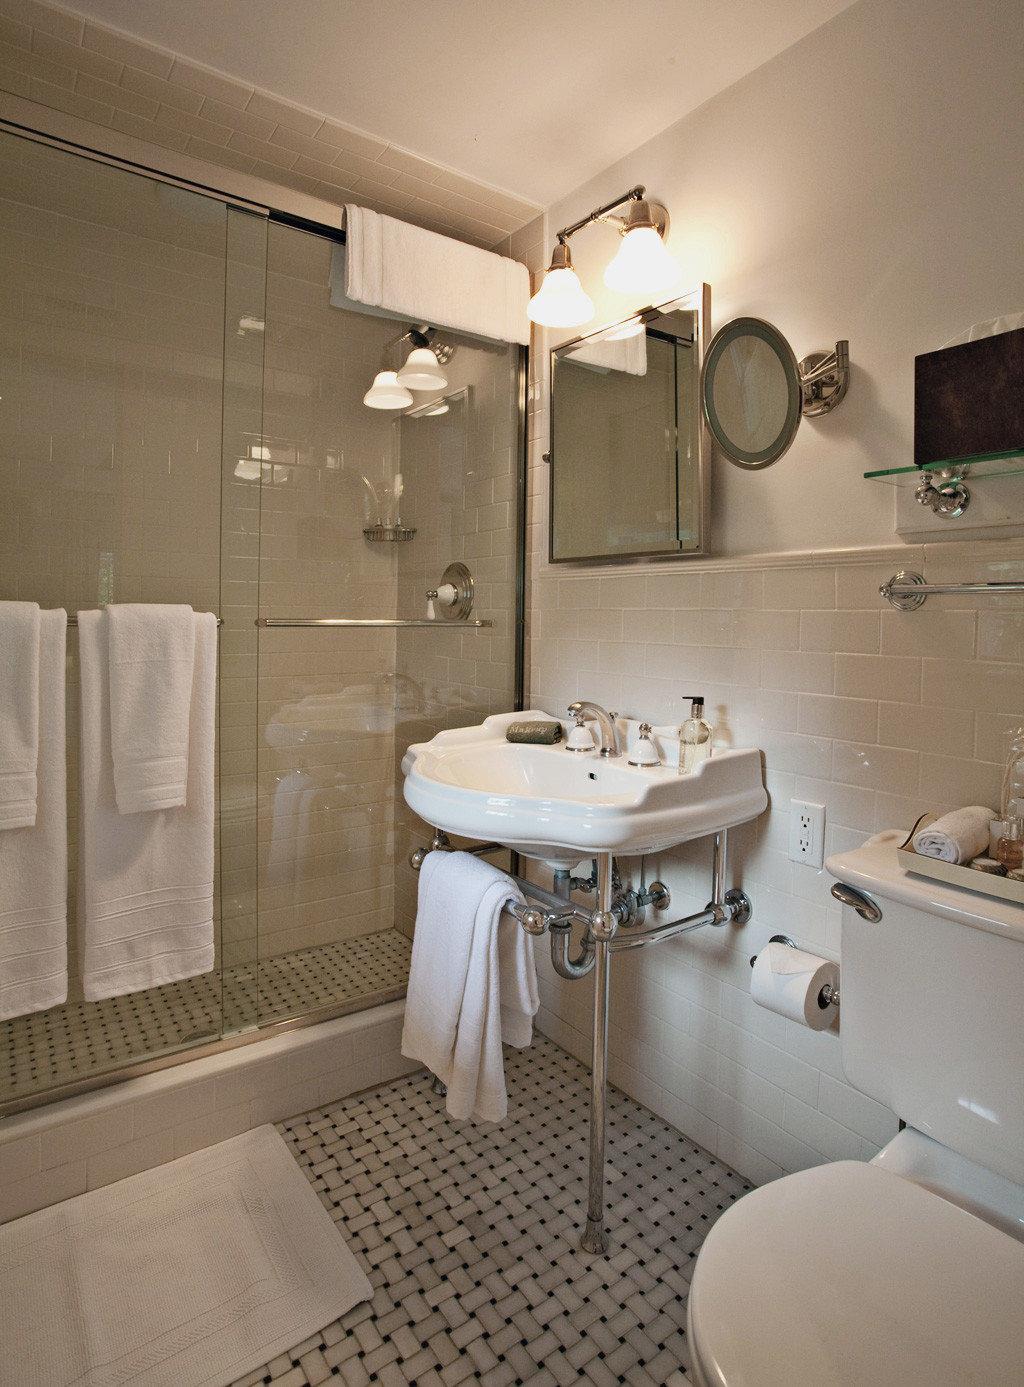 Bath Beach Boutique Inn Romance Romantic bathroom sink mirror property towel toilet home Suite cottage tile tub tiled bathtub